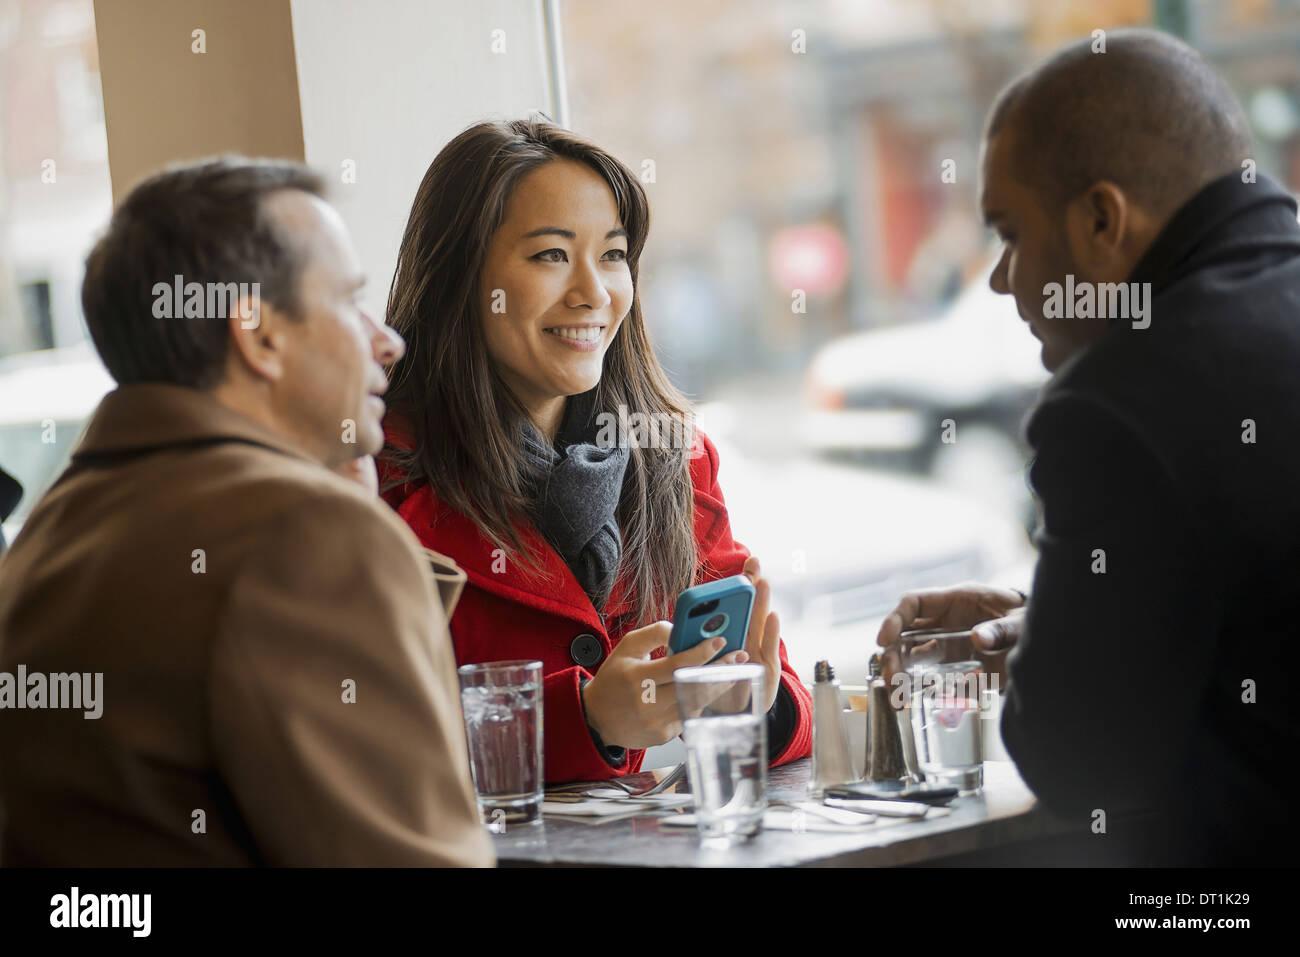 Un groupe de personnes en déplacement à l'aide de téléphones portables et de parler les uns aux autres dans un café Photo Stock